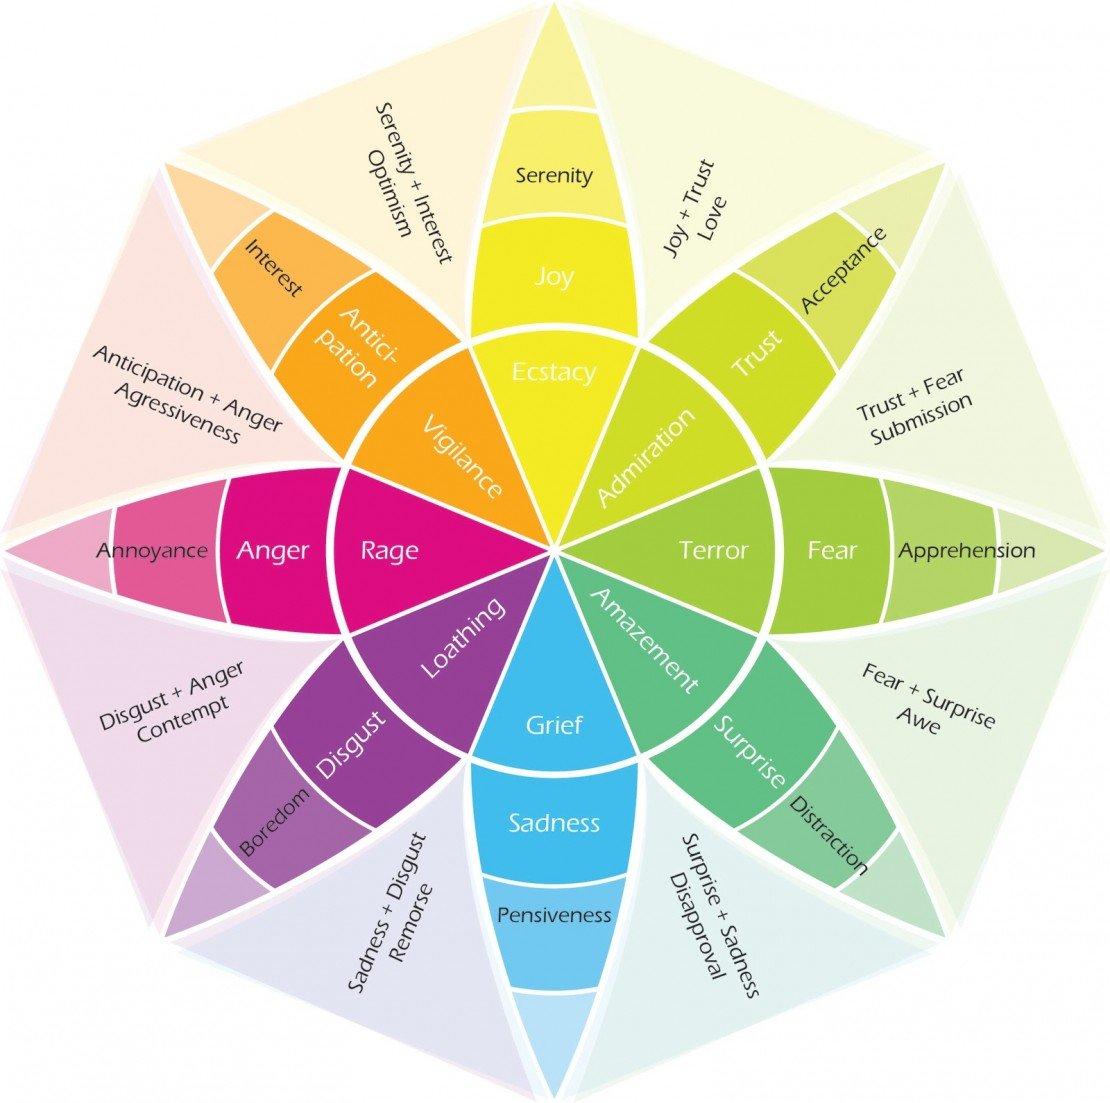 plutchik_color_wheel